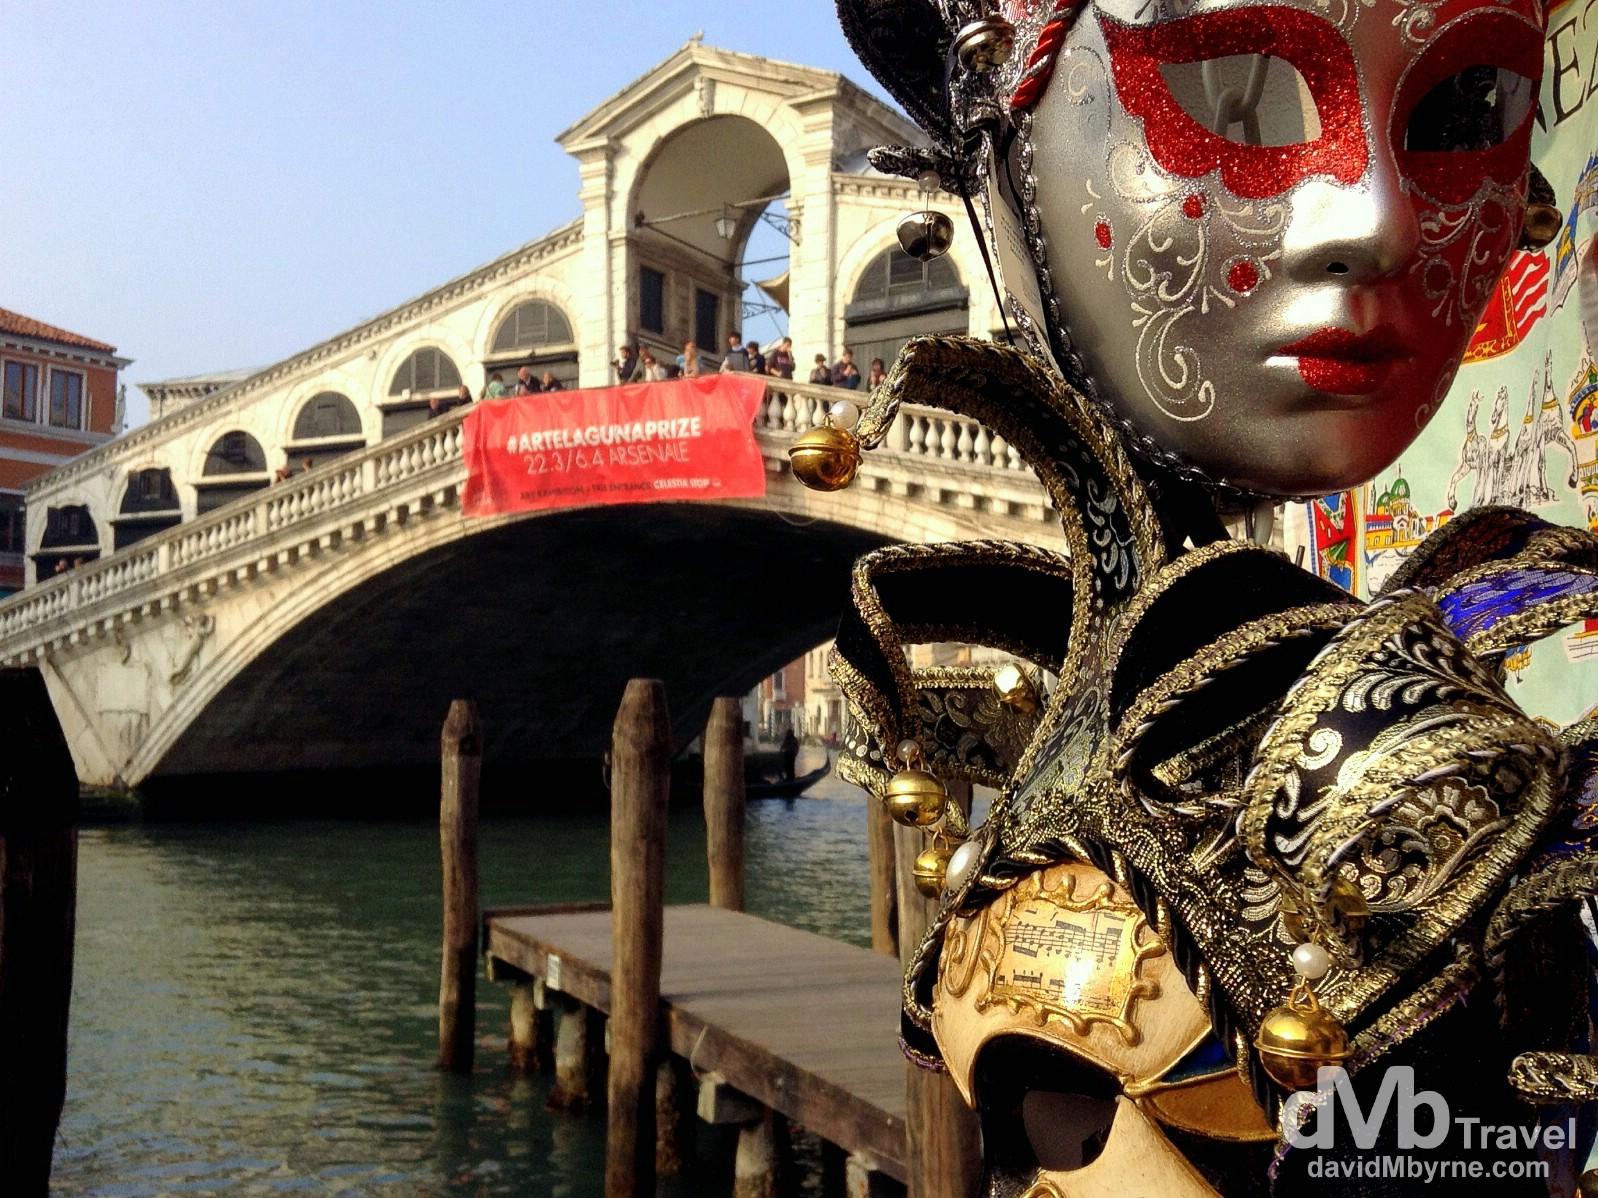 Venice, Venito, Italy (2014)